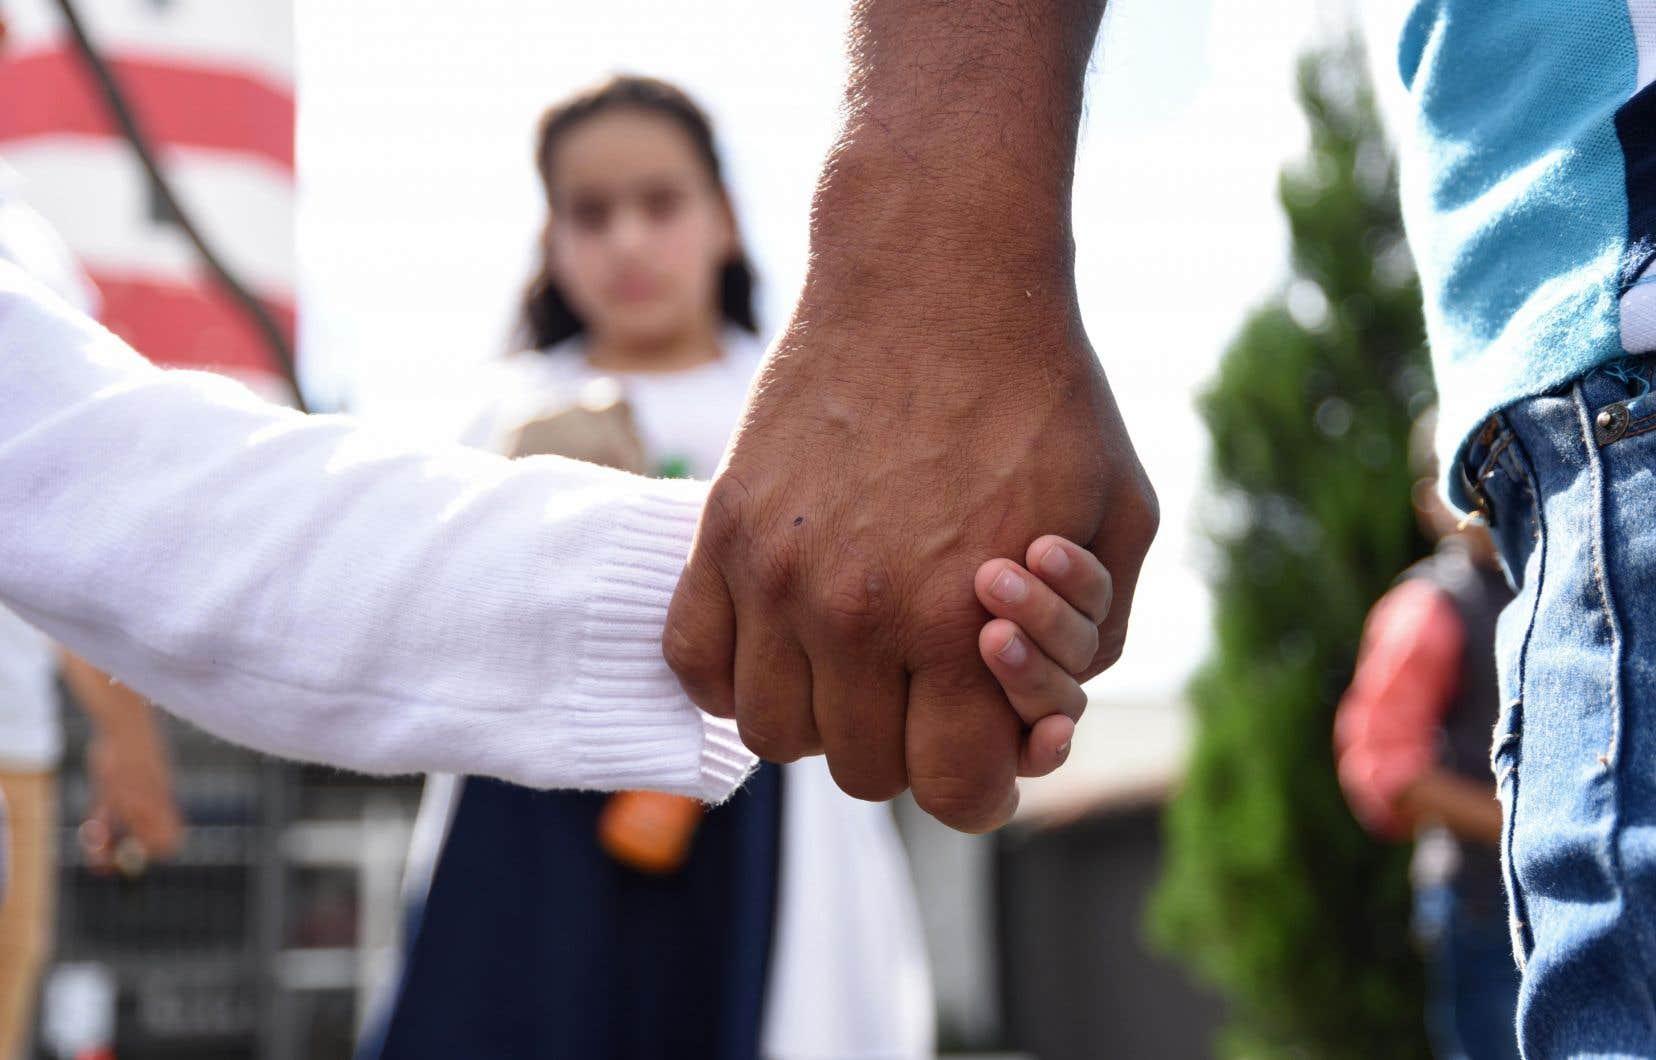 Le ministre américain de la Justice, Jeff Sessions, a annoncé en début d'année que les juges de l'immigration seraient évalués en fonction du nombre de dossiers qu'ils parvenaient à clore.